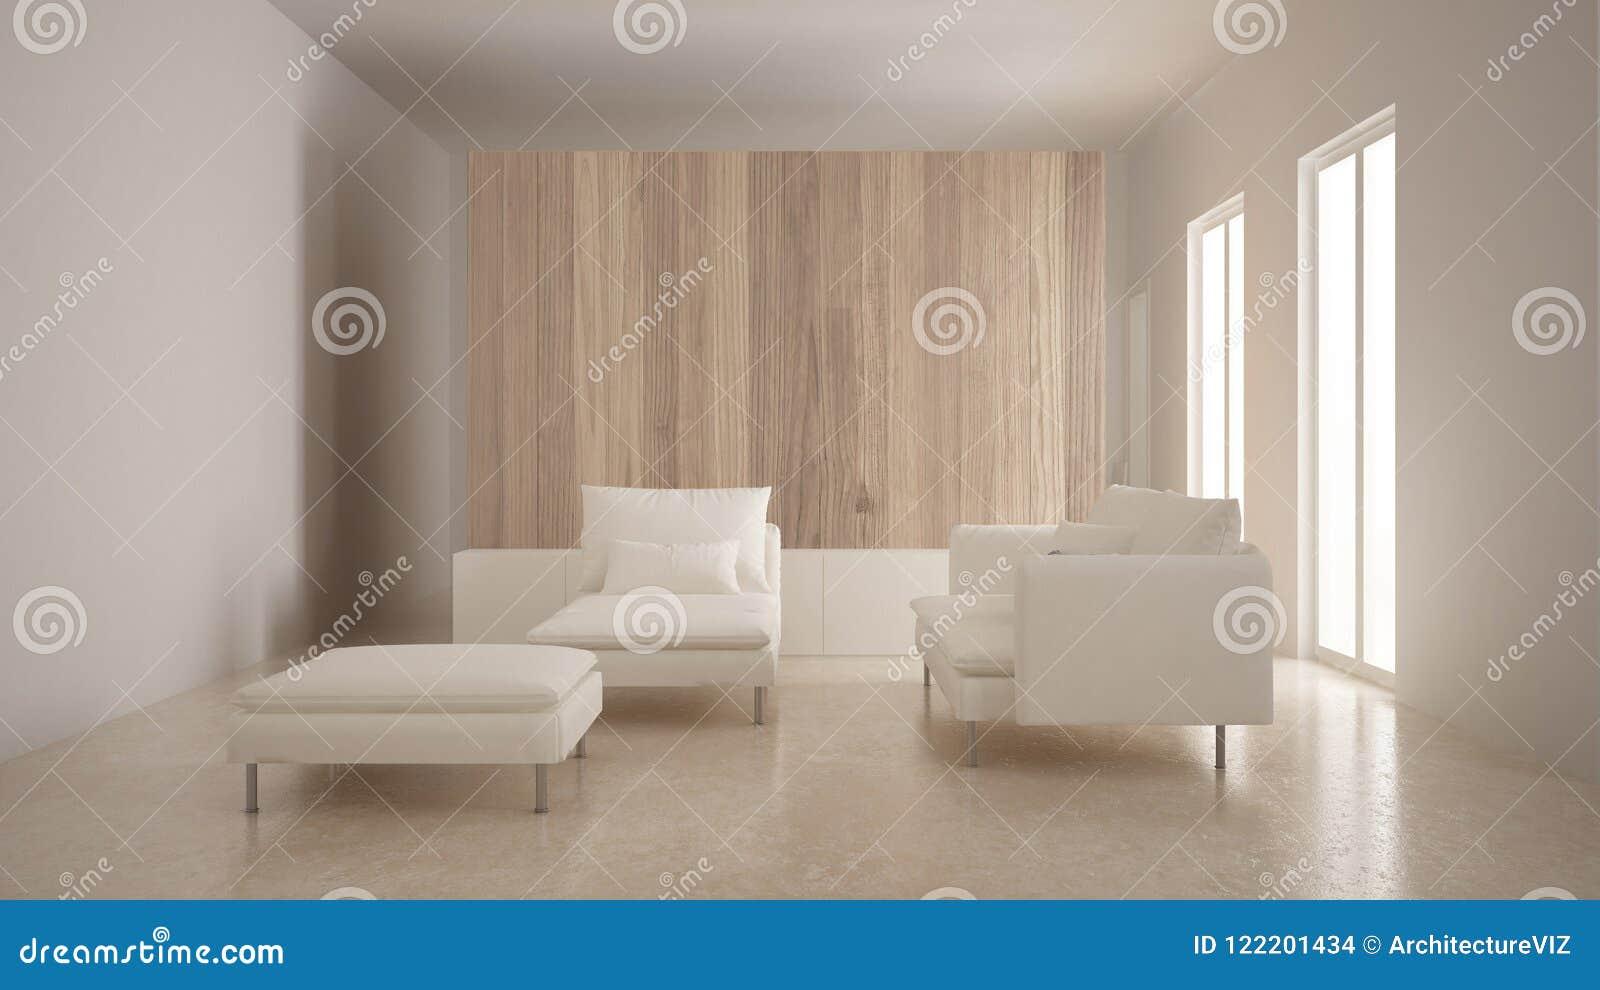 Le Avec Mur Moderne Longue MinimalismeSalon En BoisSofaChaise wmN8n0